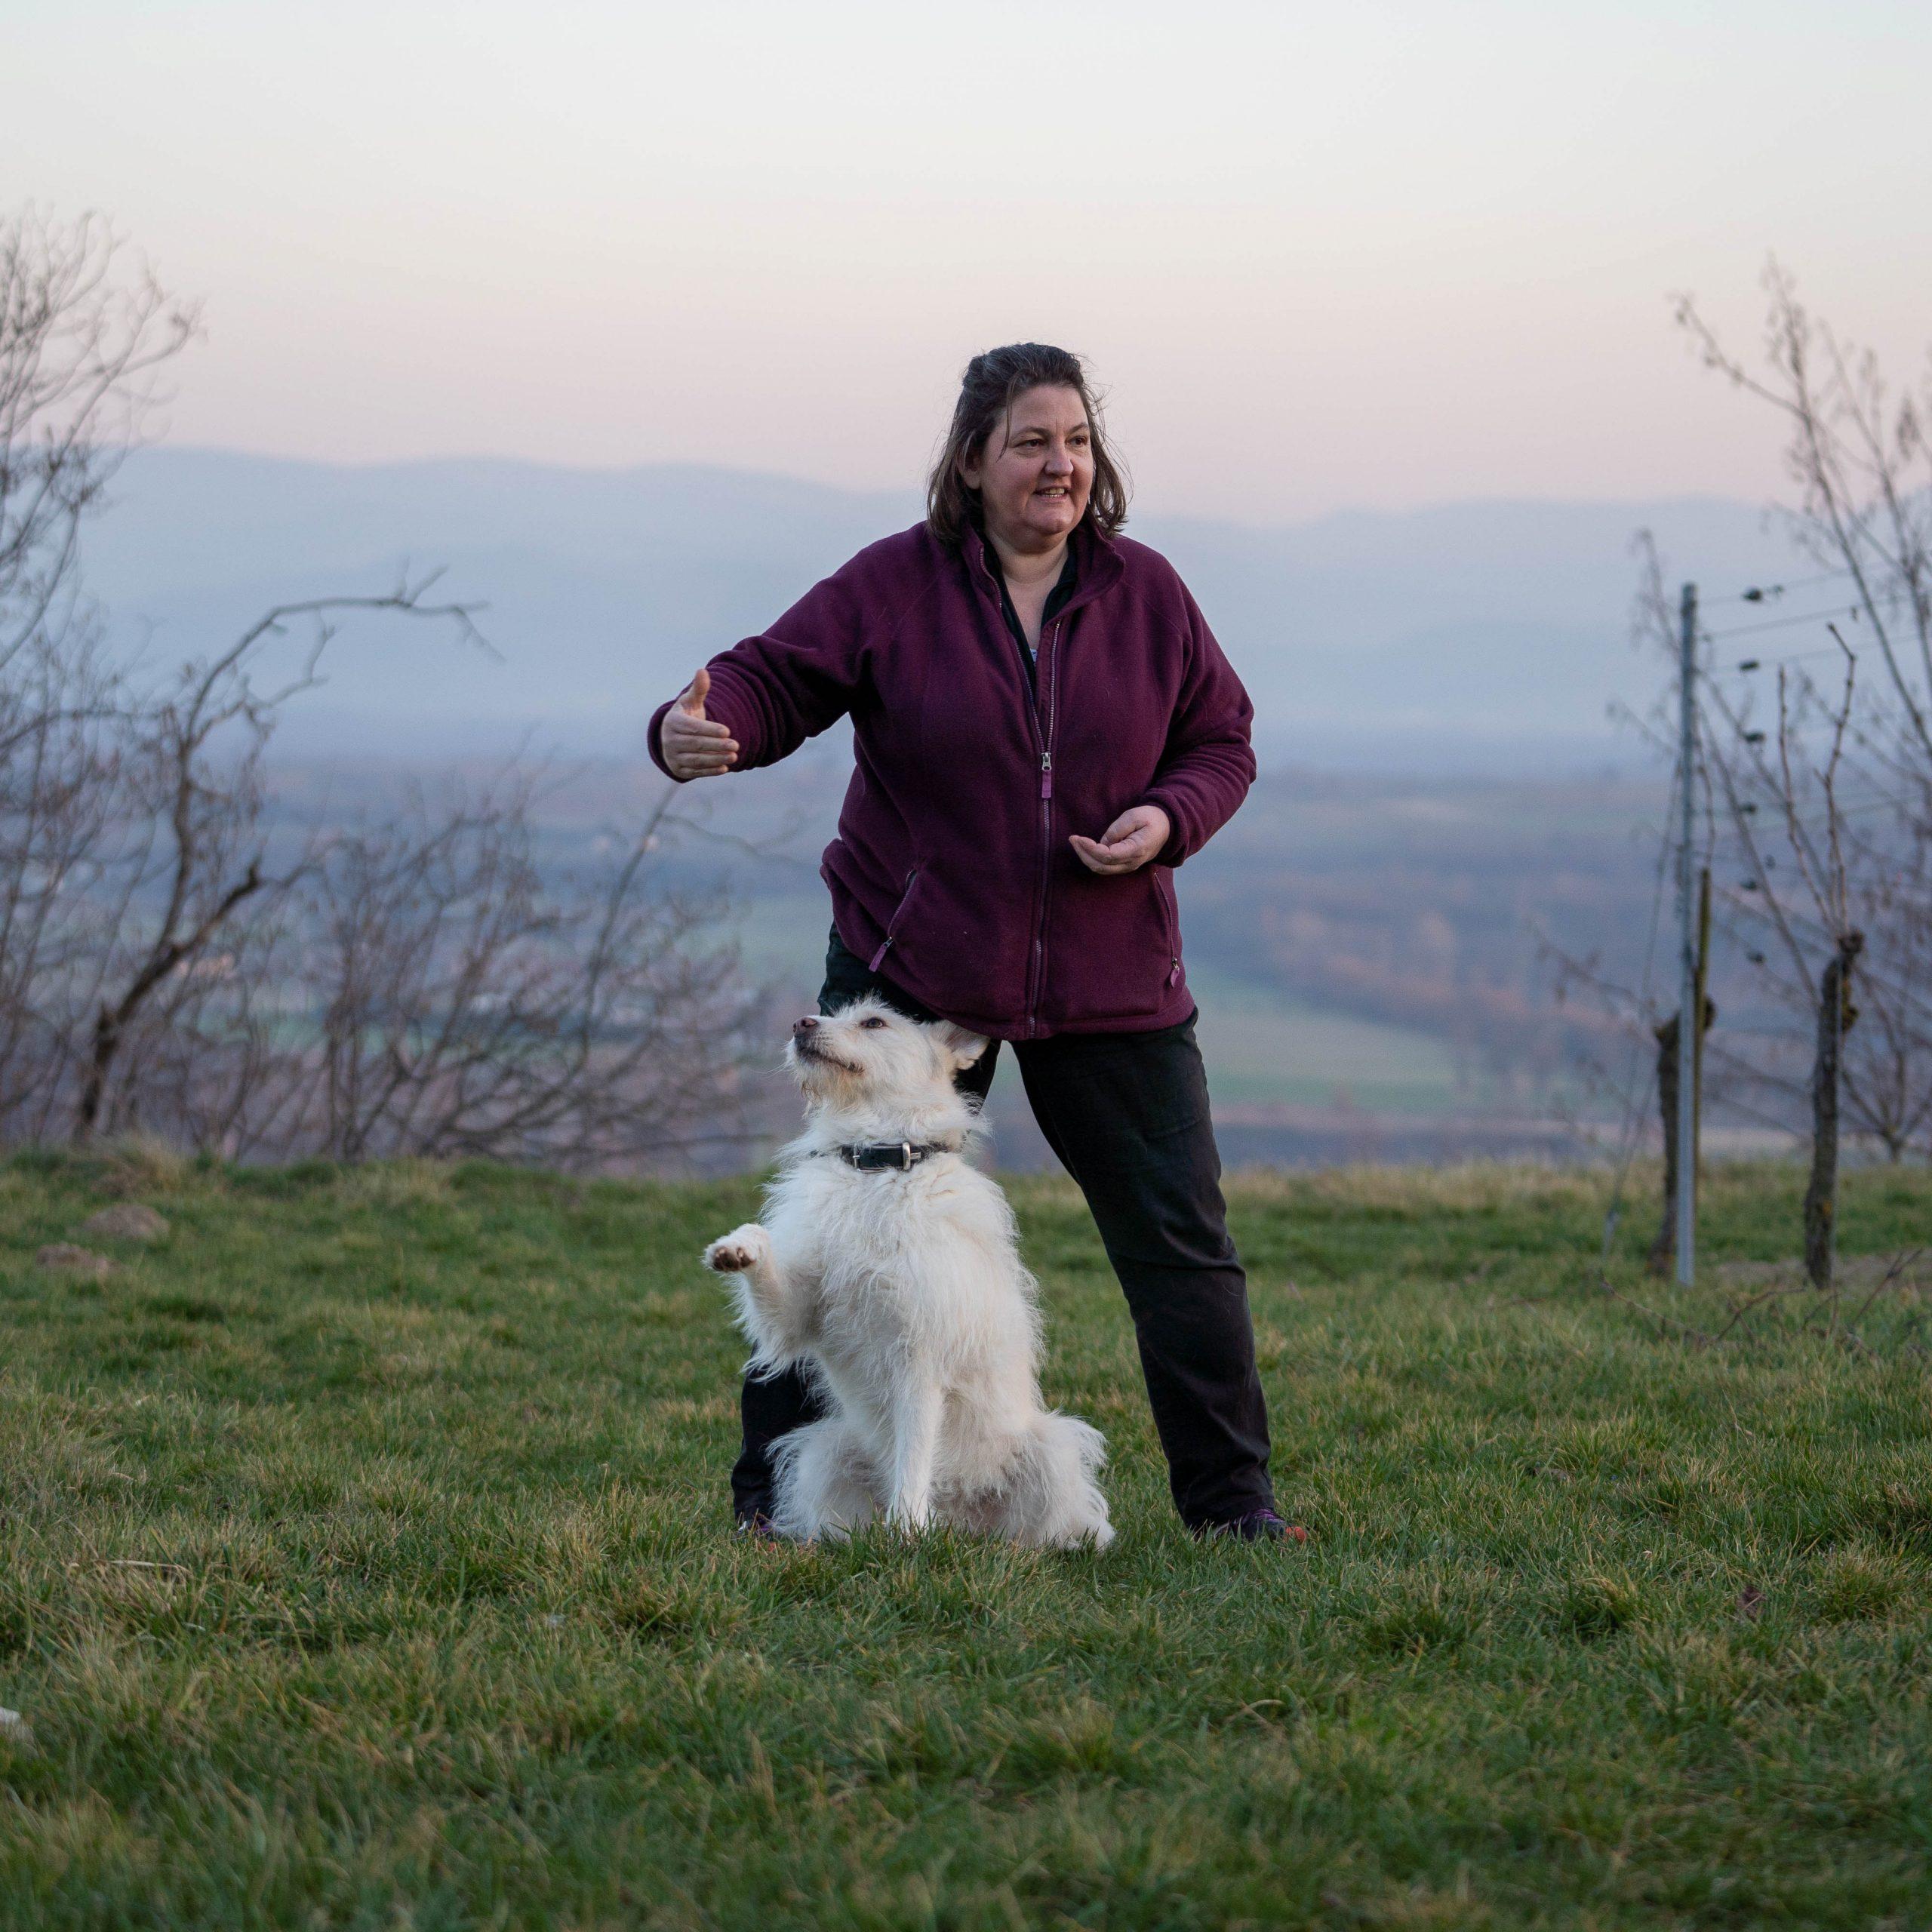 Frau mit weißem Hund auf einer Wiese